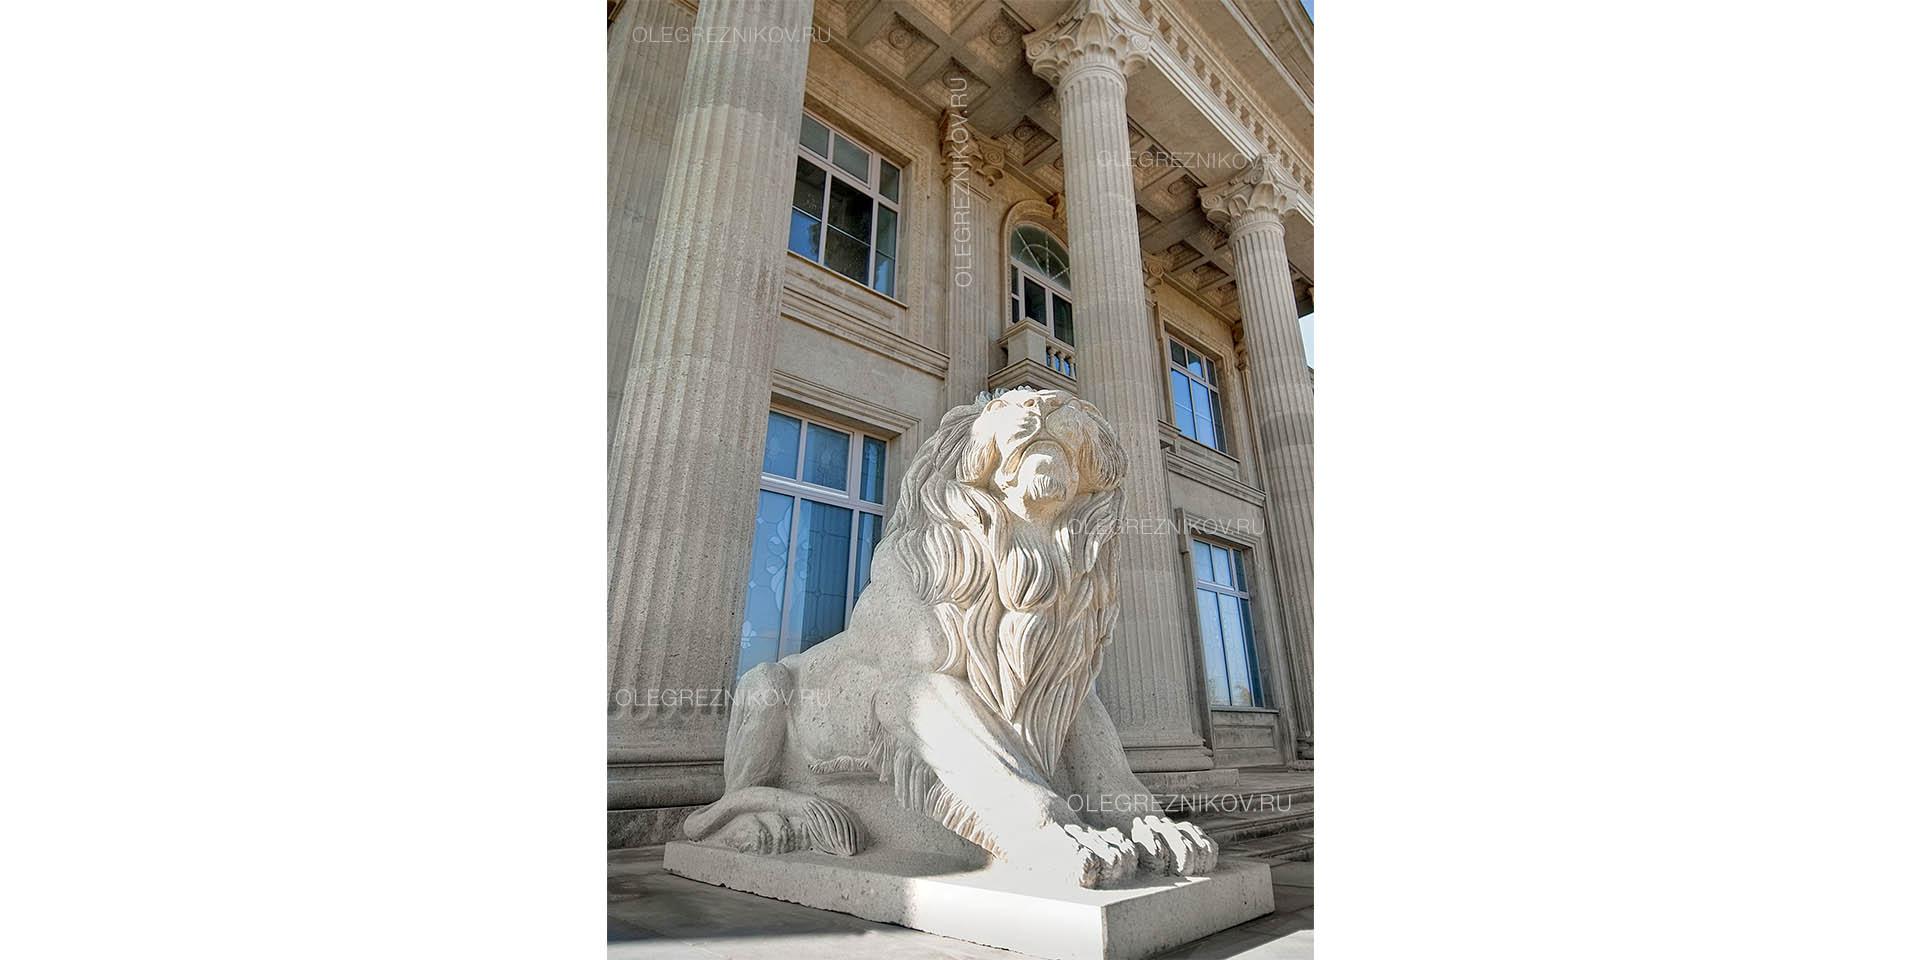 Дом со львами. Архитектурная студия Олега Резникова.